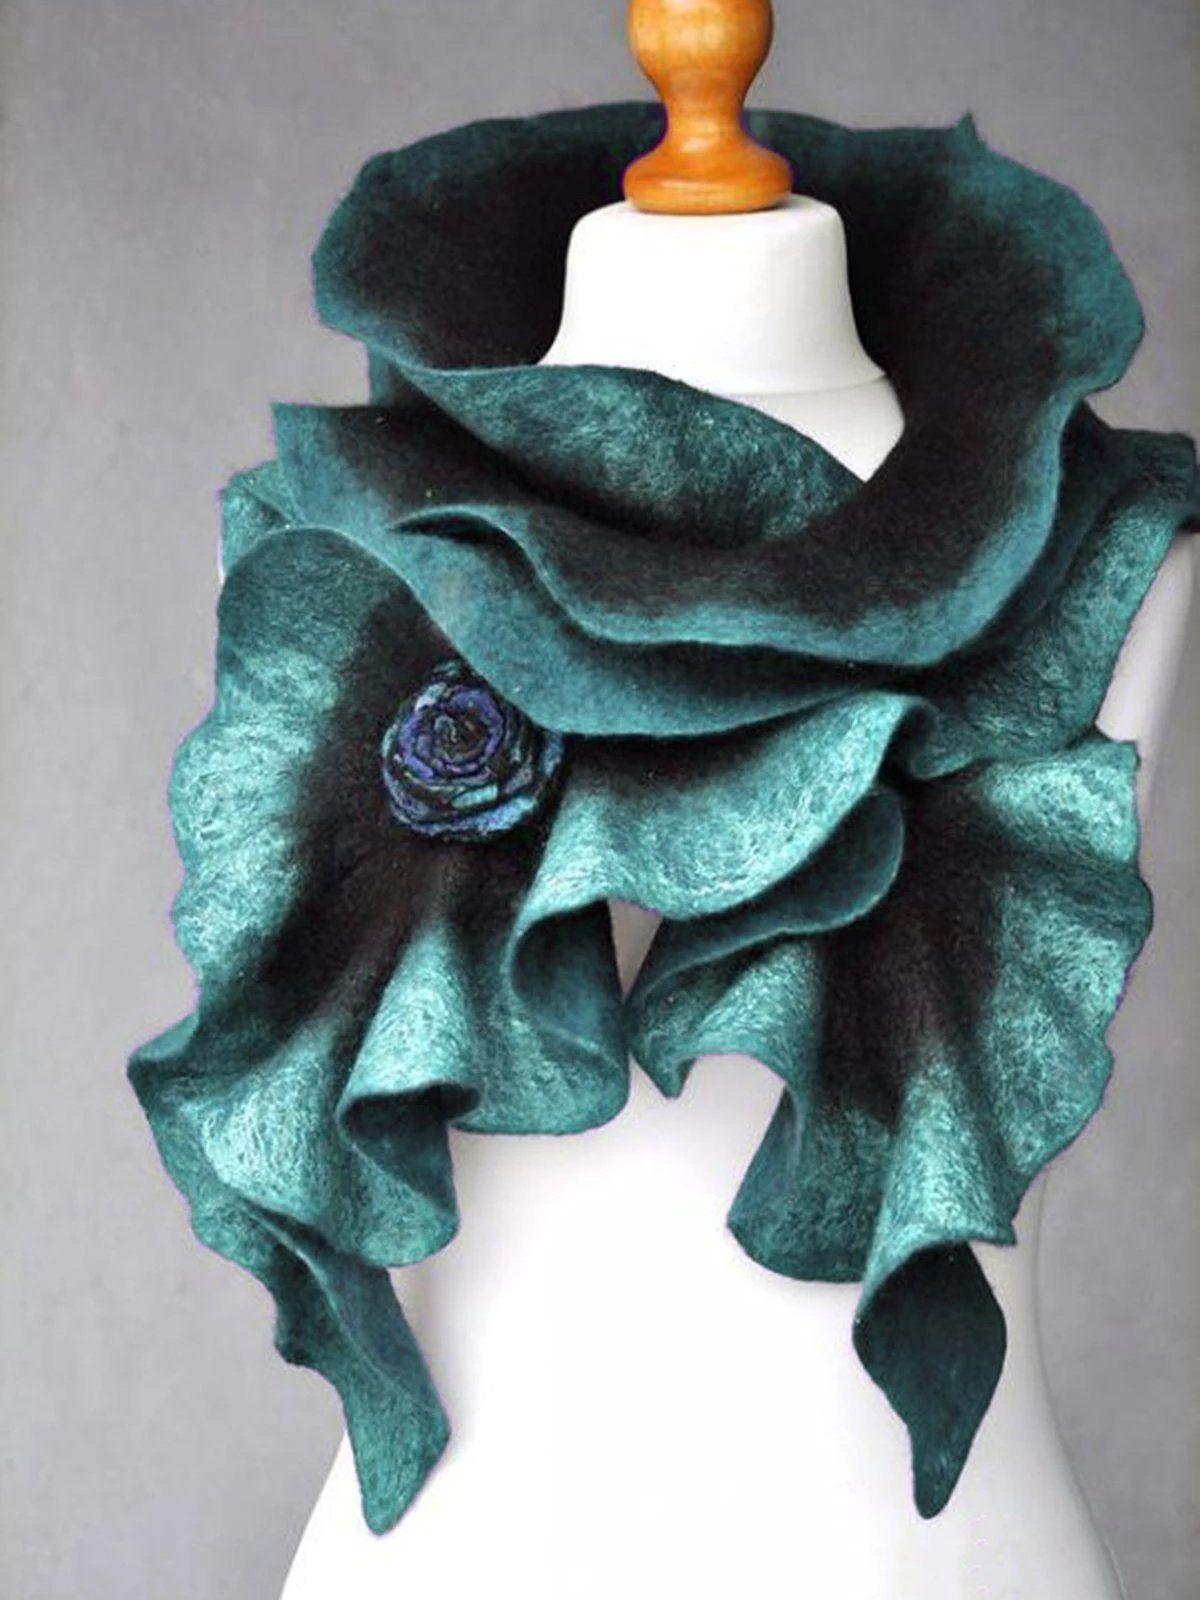 Blue Casual Cotton Blend Ombre Tie Dye Scarves Shawls In 2020 Tie Dye Scarves Tie Dye Scarf Shawl